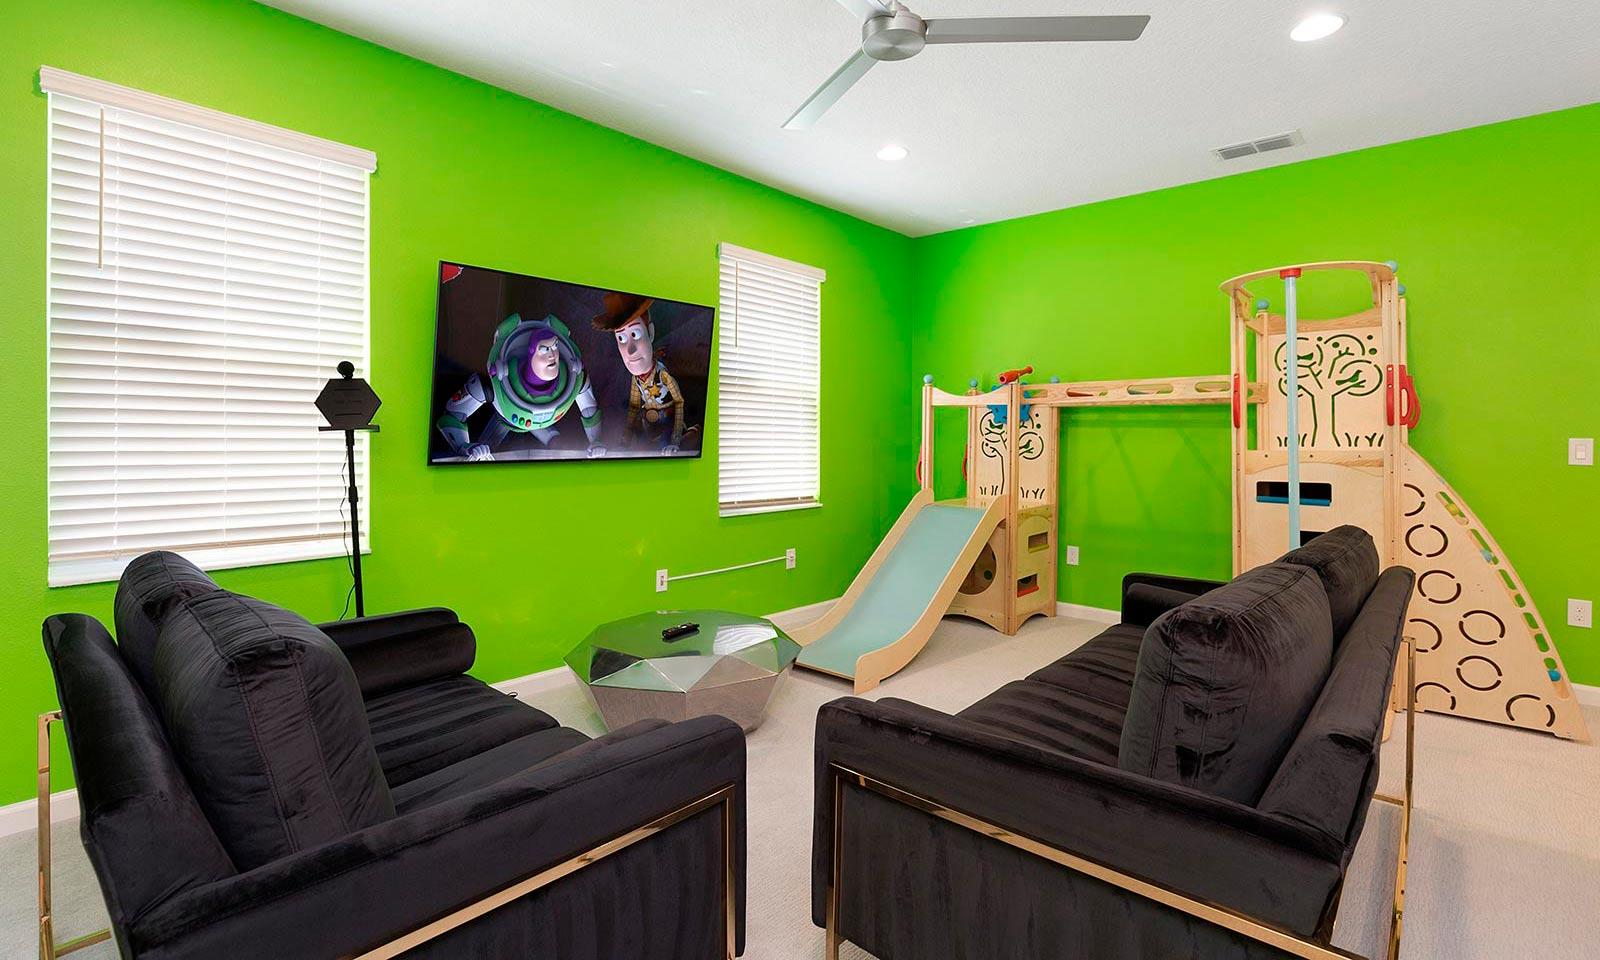 [amenities:Indoor-Playset:2] Indoor Playset